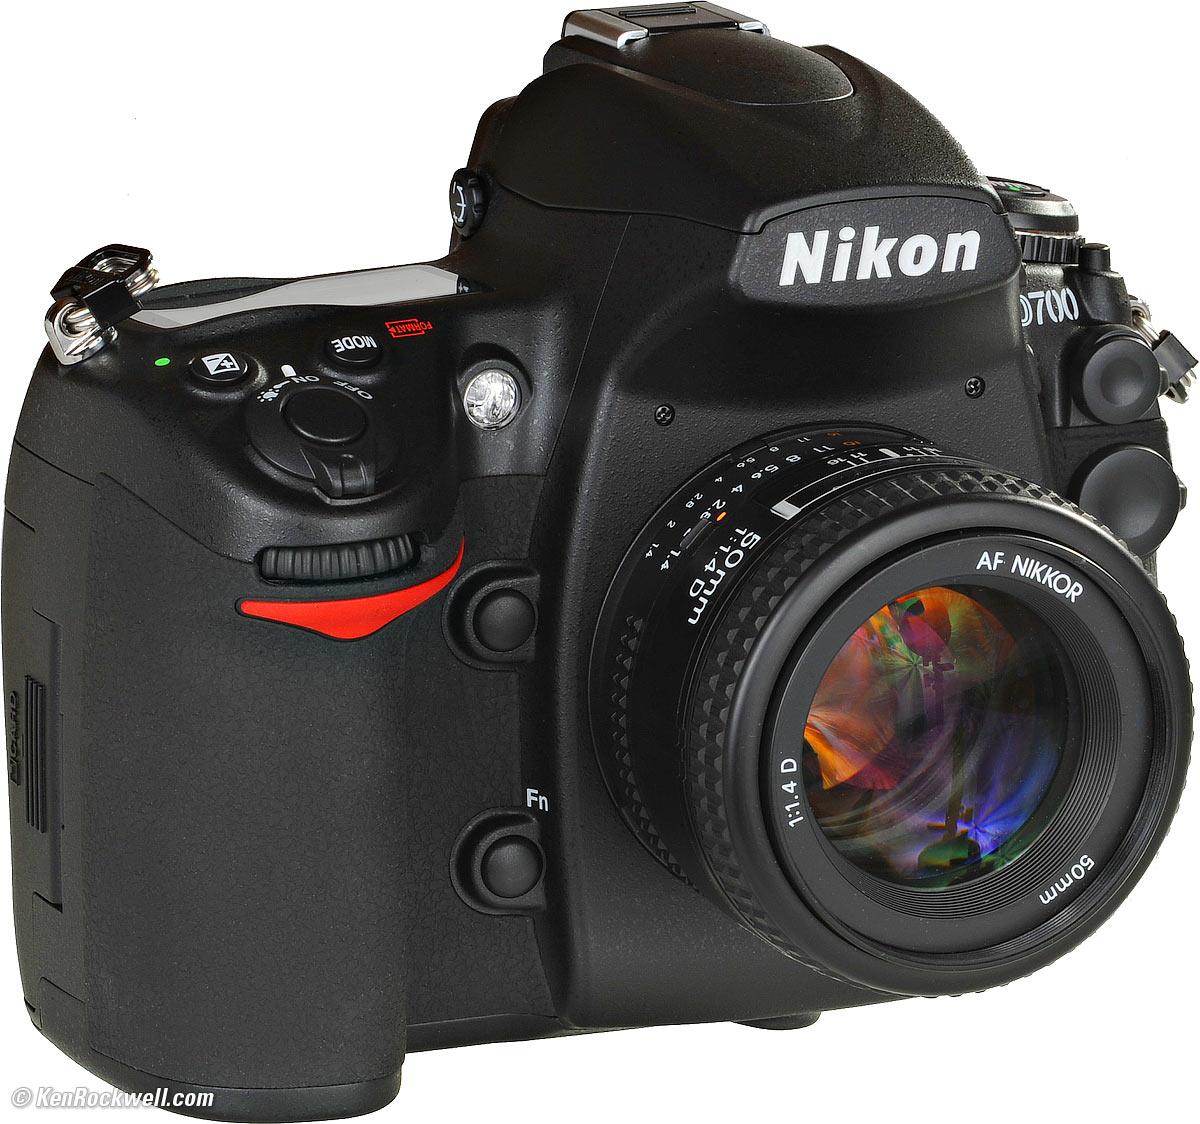 Hướng dẫn sử dụng Nikon D700